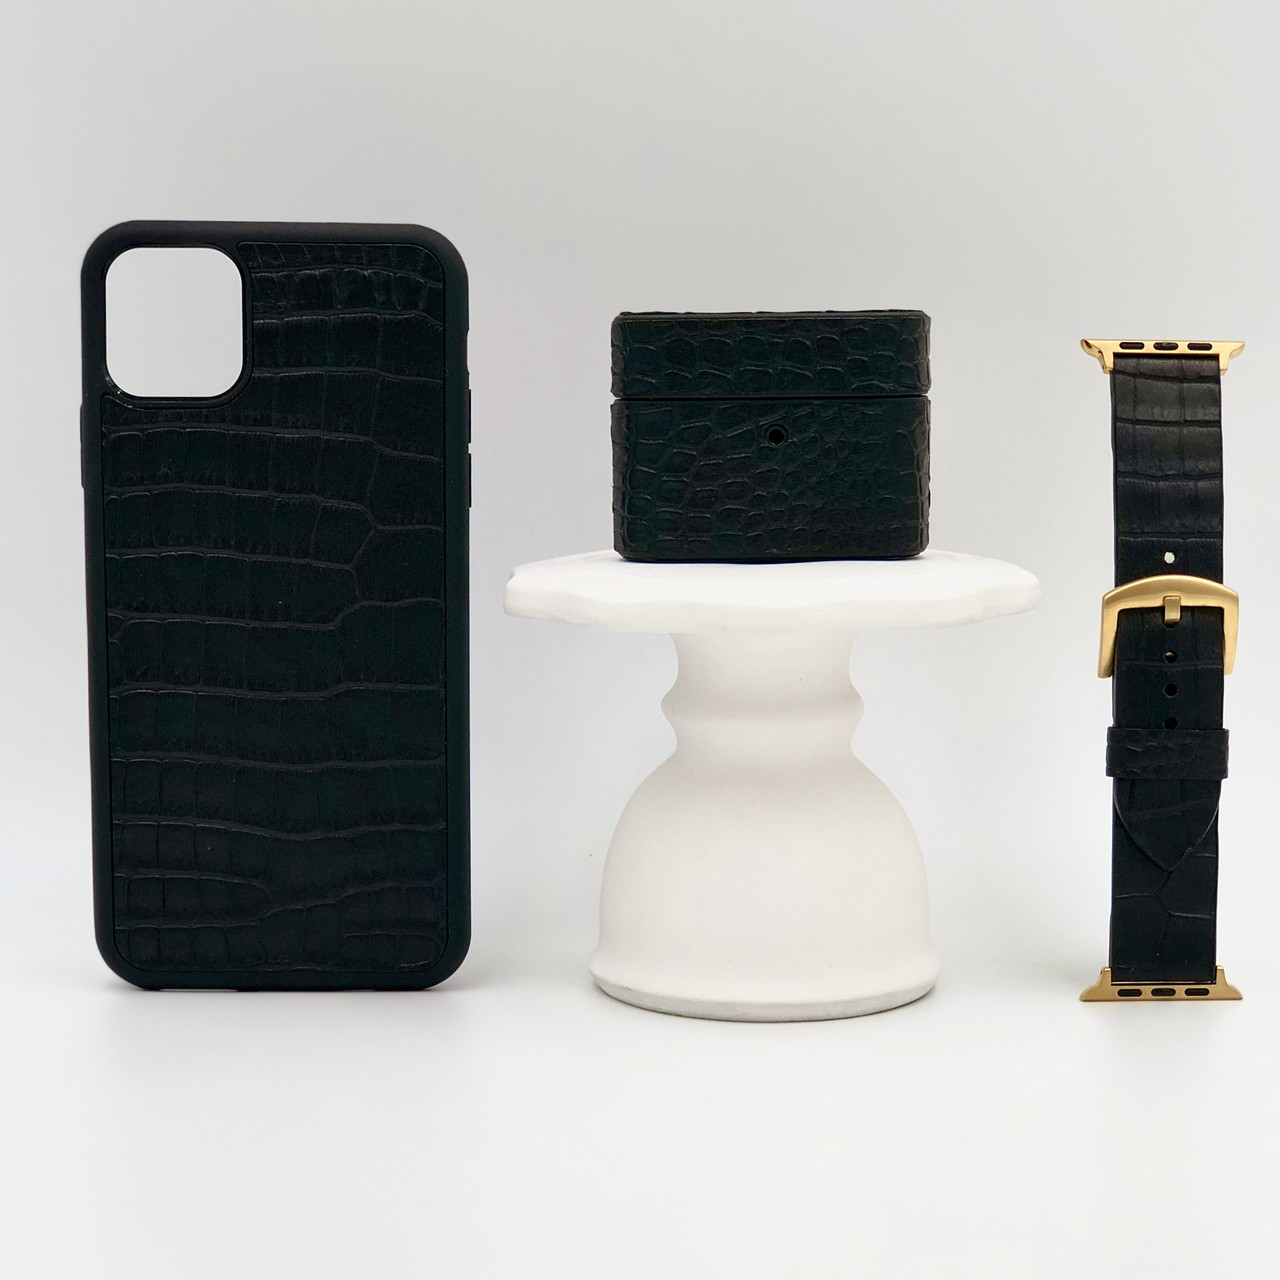 Набор из чехла для iPhone, чехла для AirPods и ремешка для Apple Watch чёрного цвета из Телячьей кожи